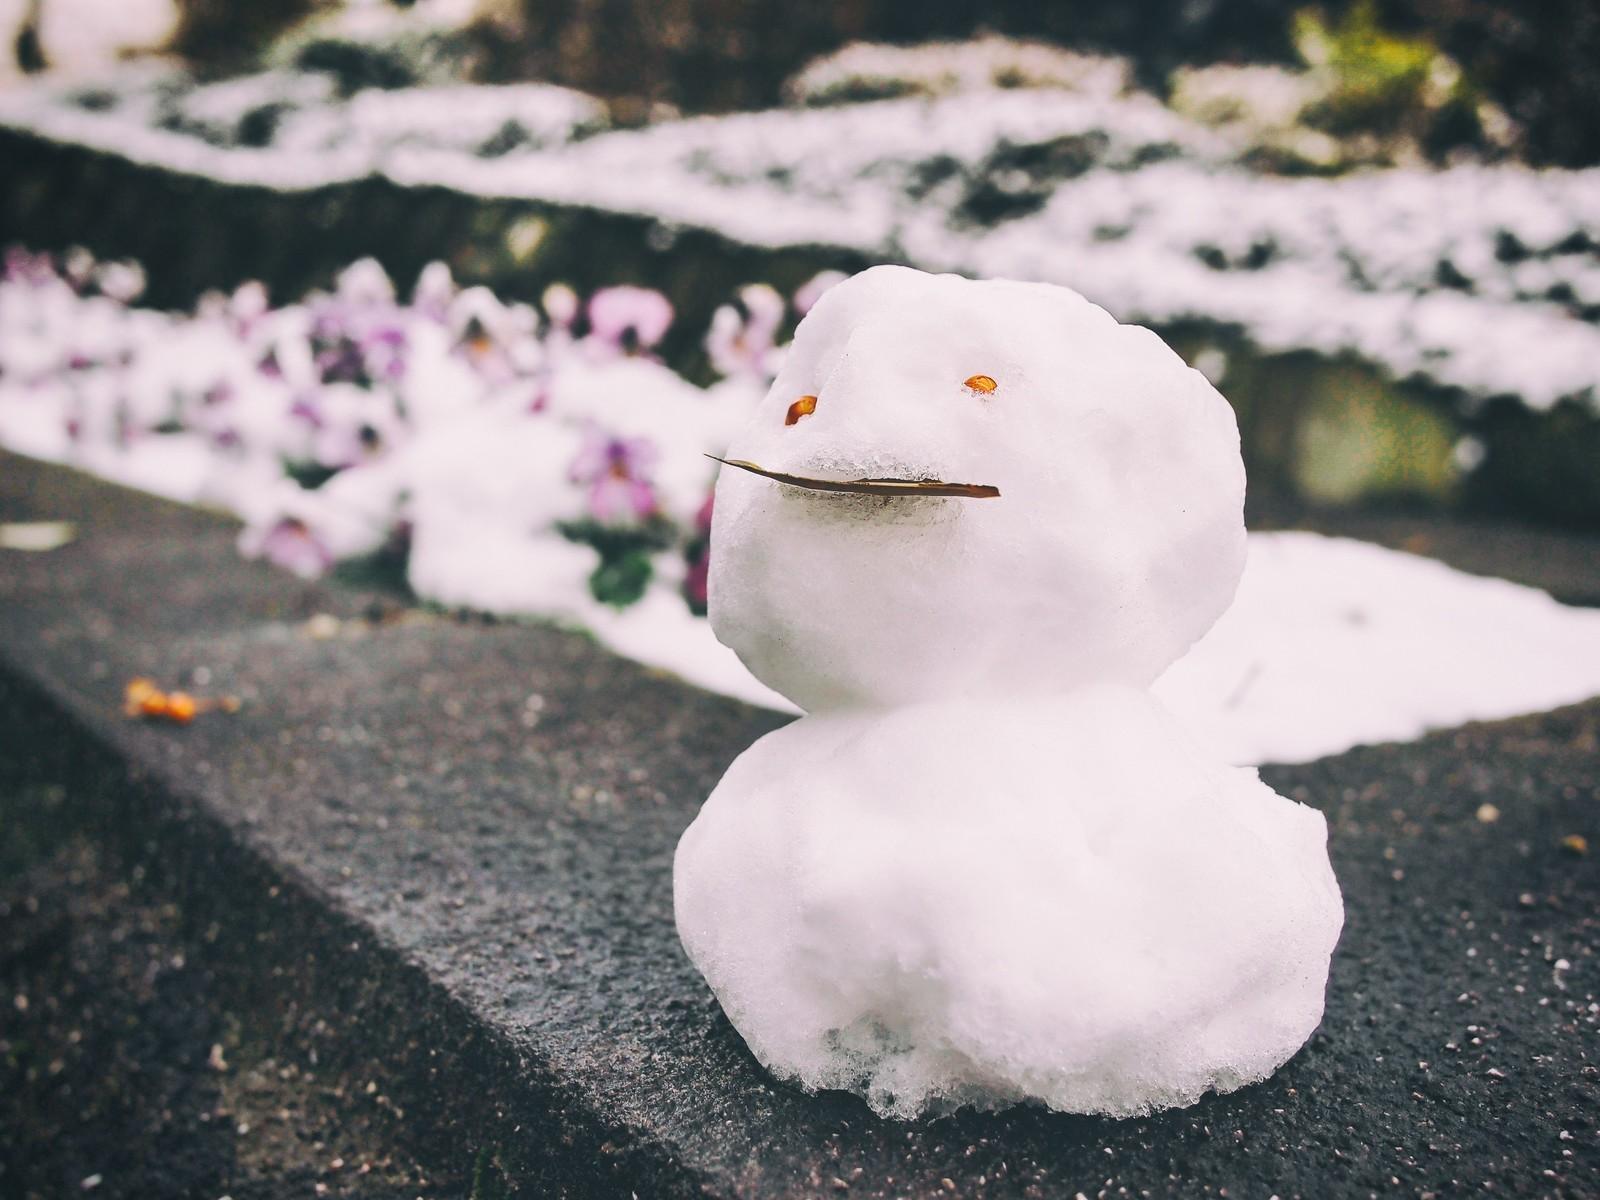 雪だるま式に増えて行くチャットレディのお給料!